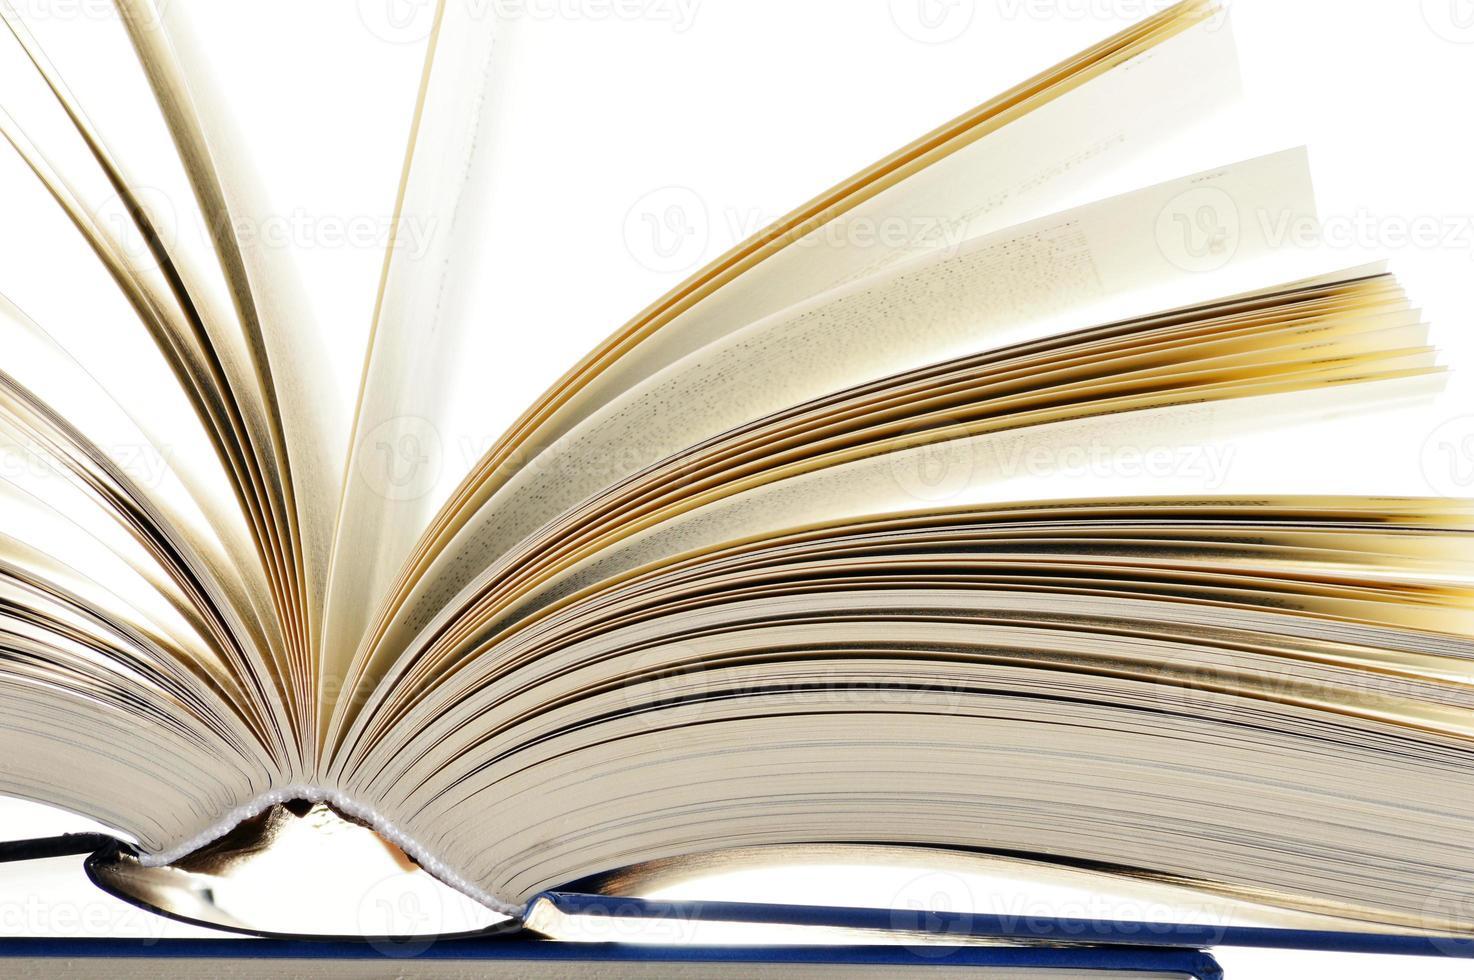 compositie met hardcover boeken in de bibliotheek foto